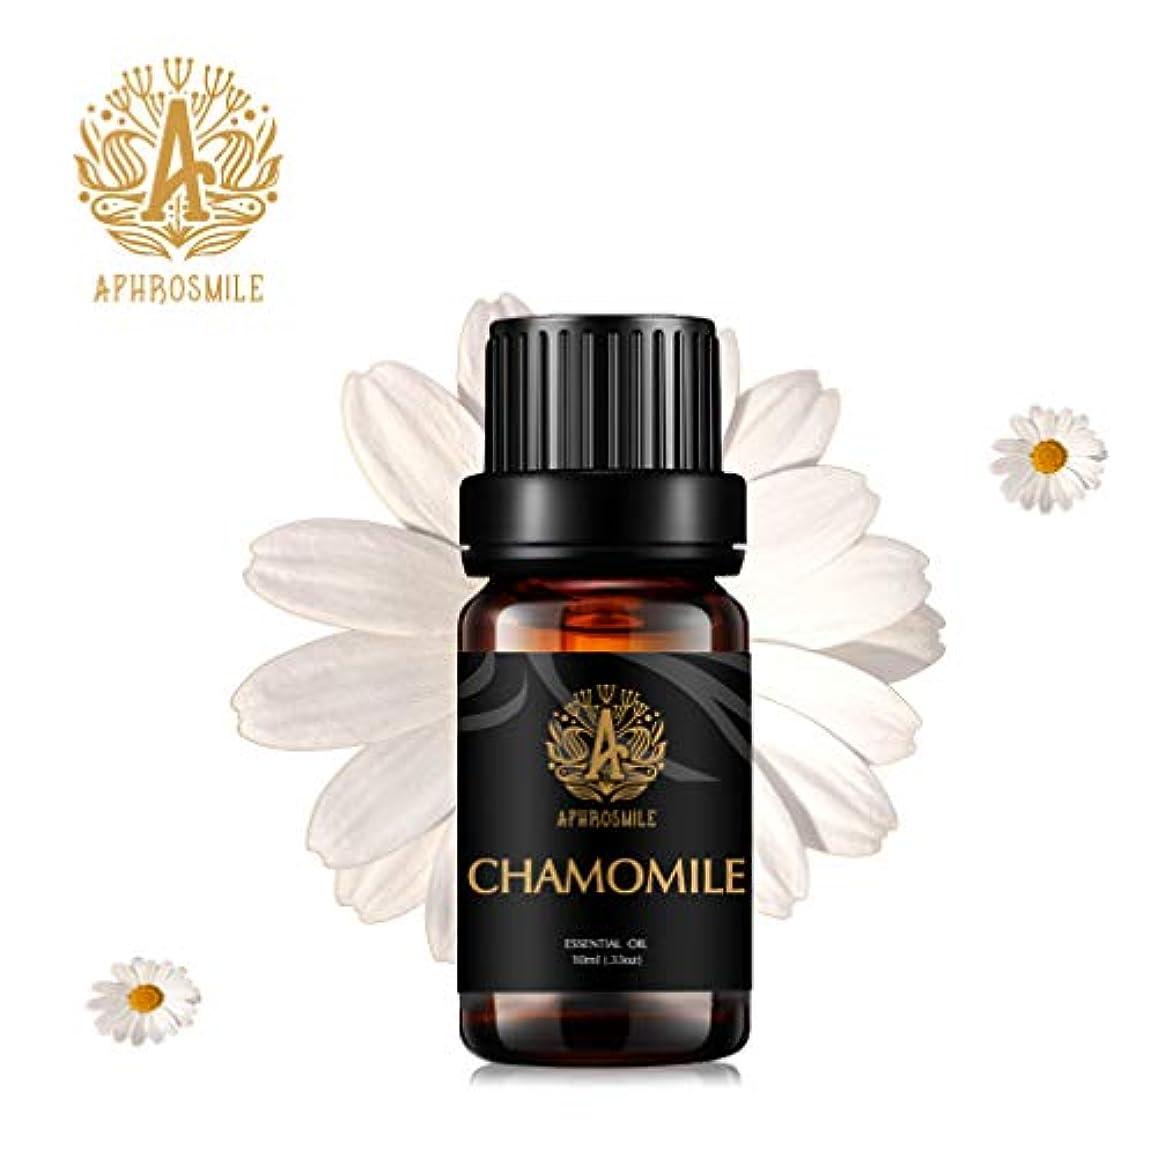 間違い純度保証カモミールエッセンシャルオイル、100%純粋なアロマセラピーエッセンシャルオイルカモミールの香り、不安を和らげます、治療上の等級の精油のカモミールの芳香のために拡散器、マッサージ、加湿器、毎日の心配、0.33オンス-10ml